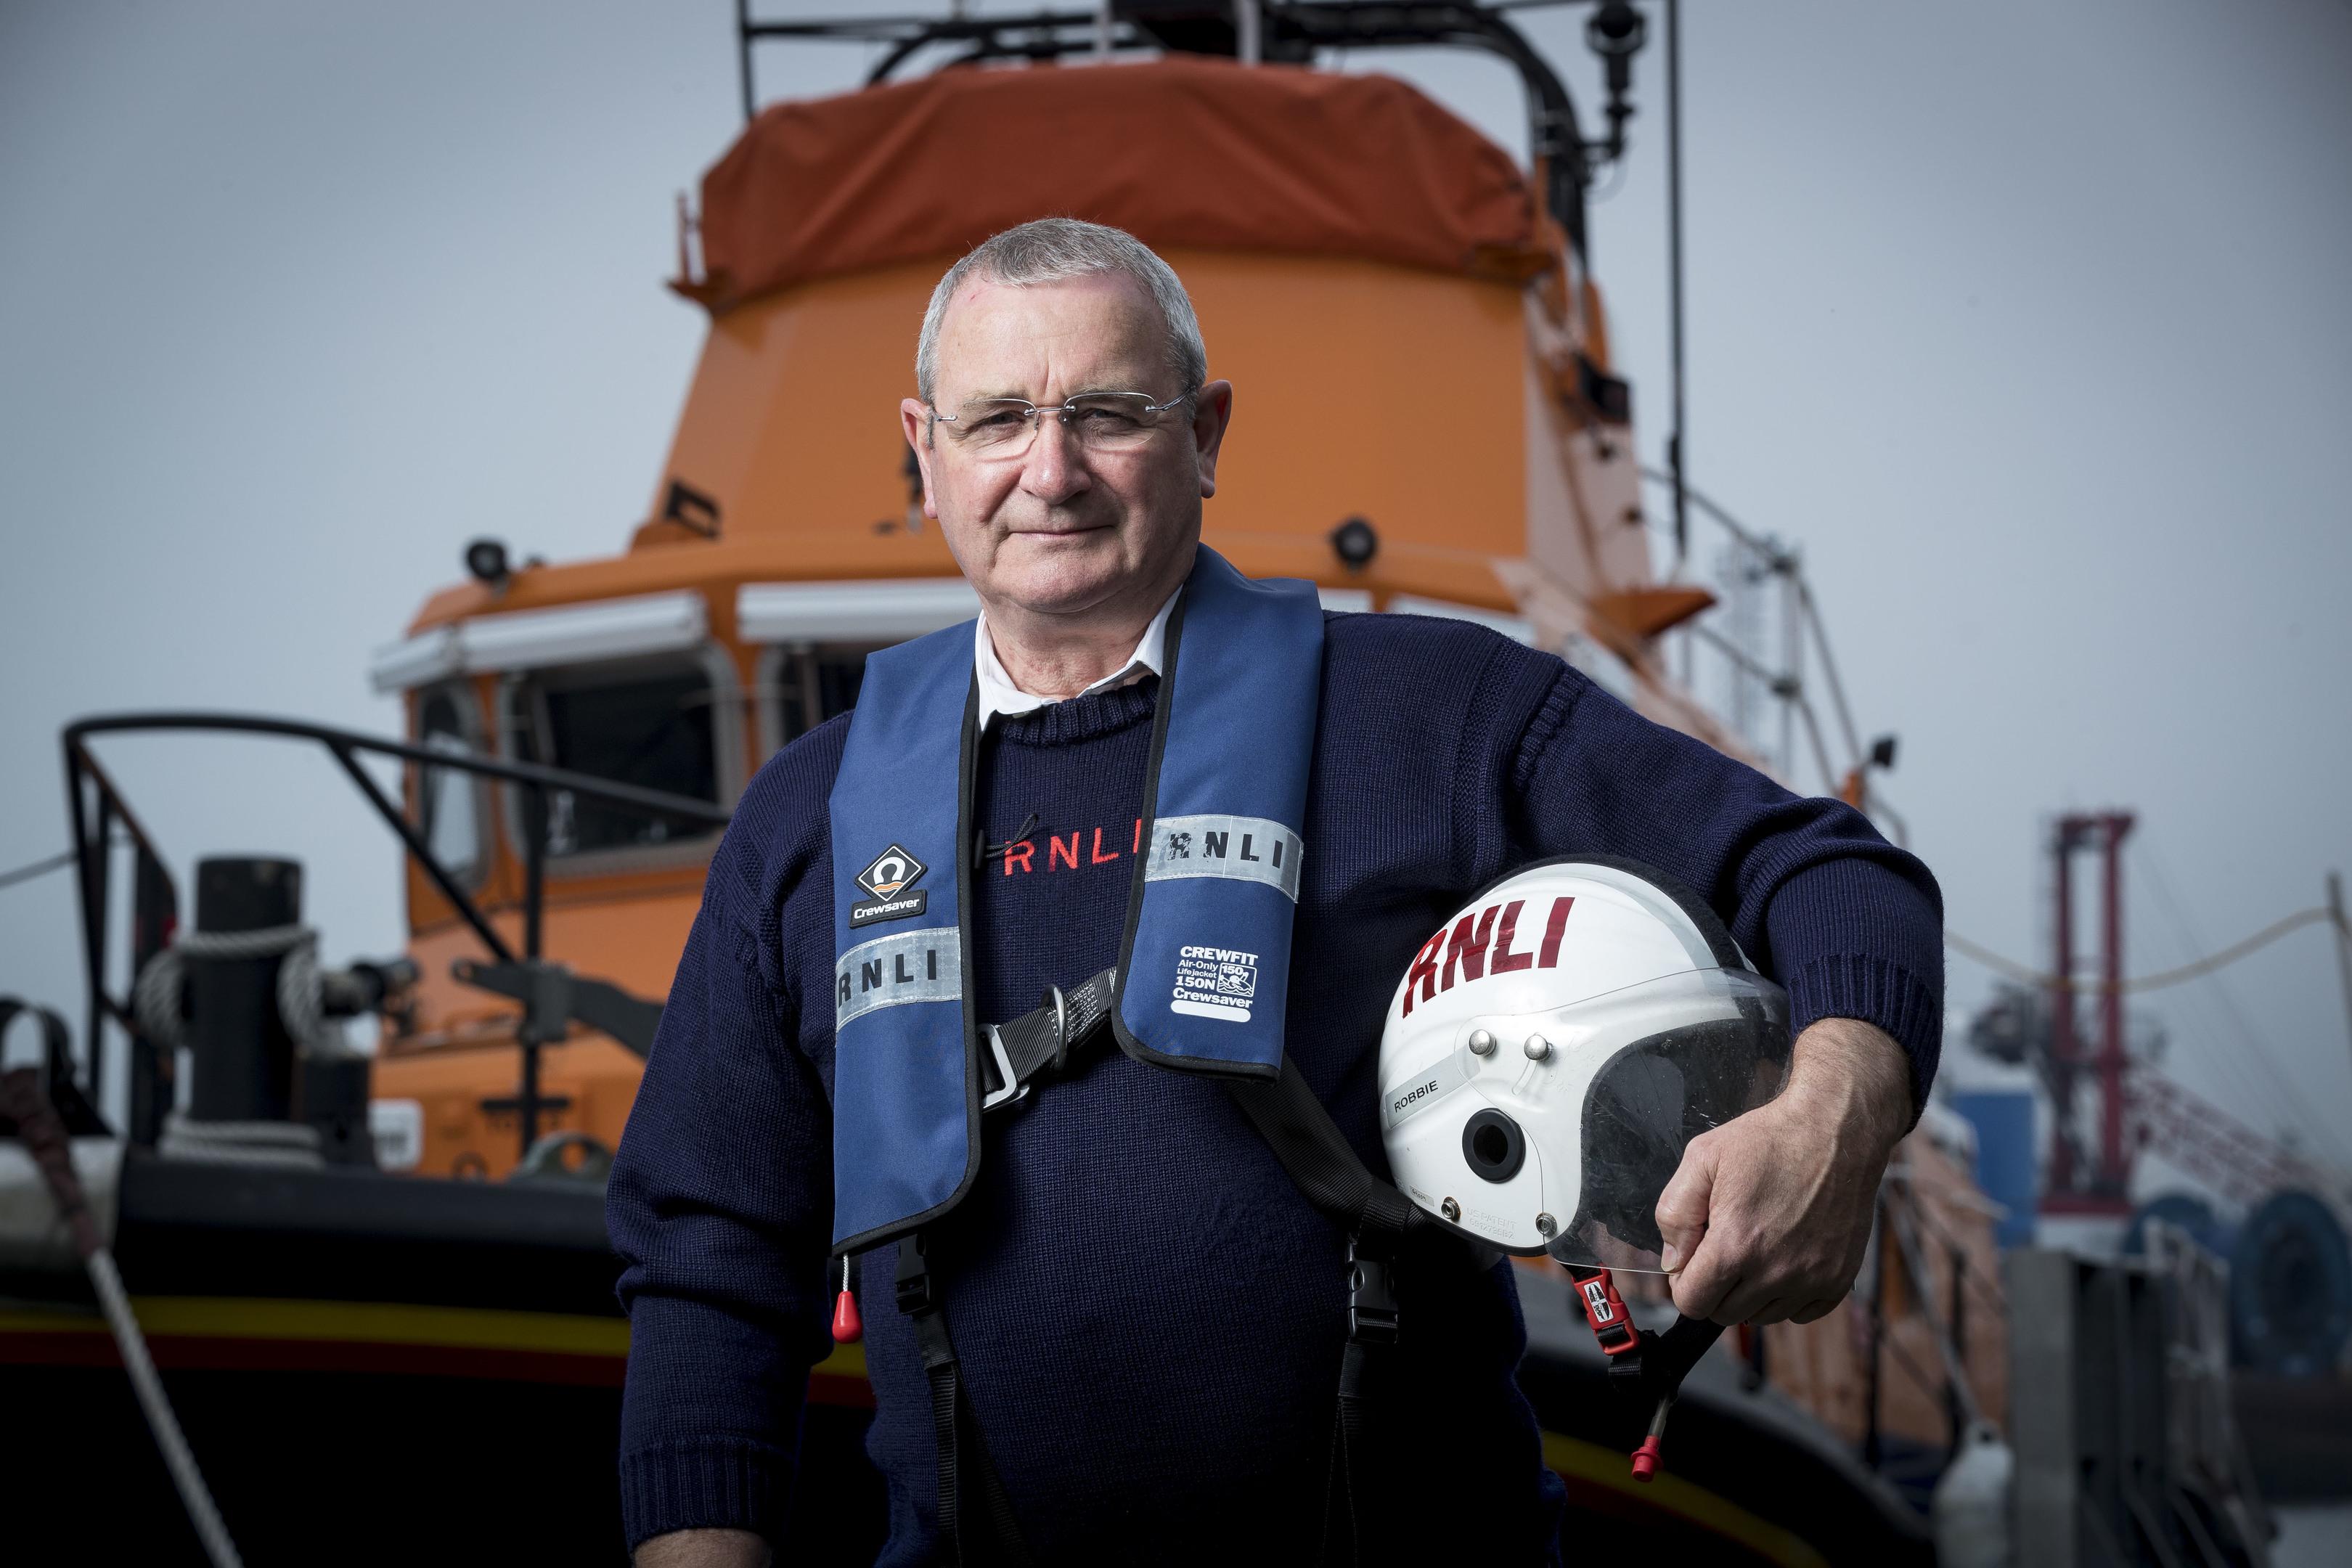 Aberdeen RNLI's Bill Dean has been given an MBE